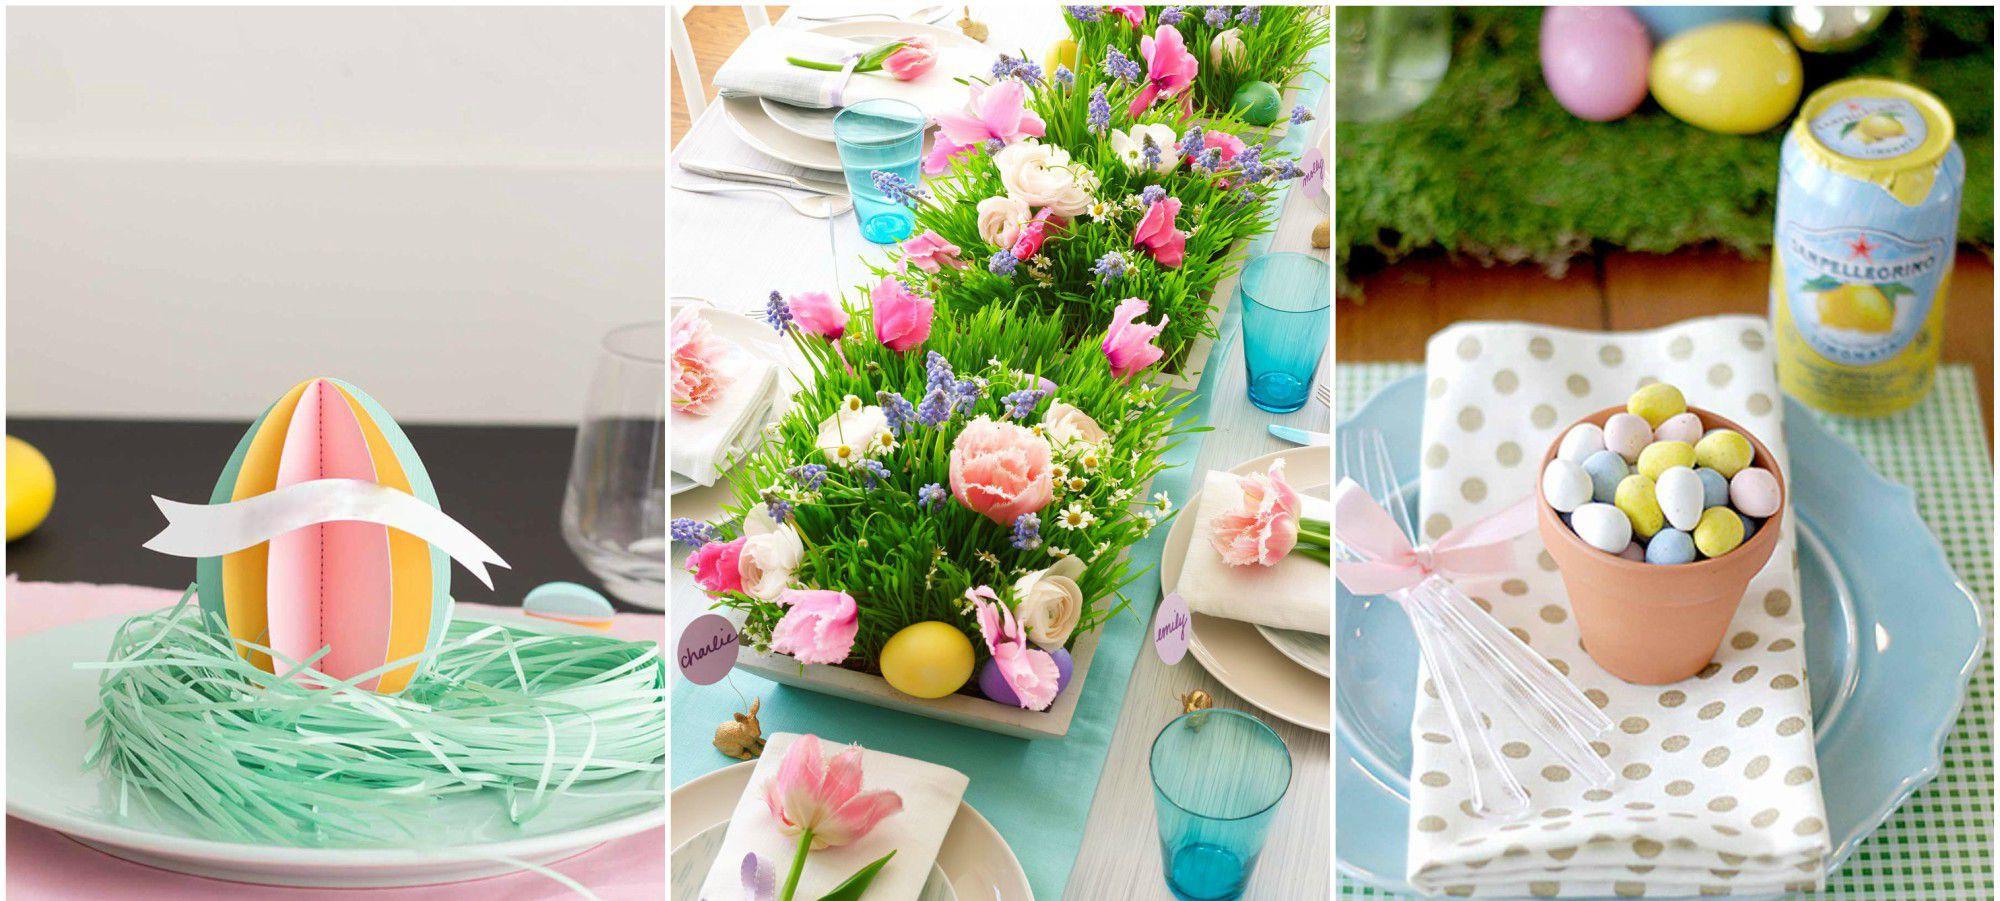 Décoration de Pâques - Décoration de table de printemps